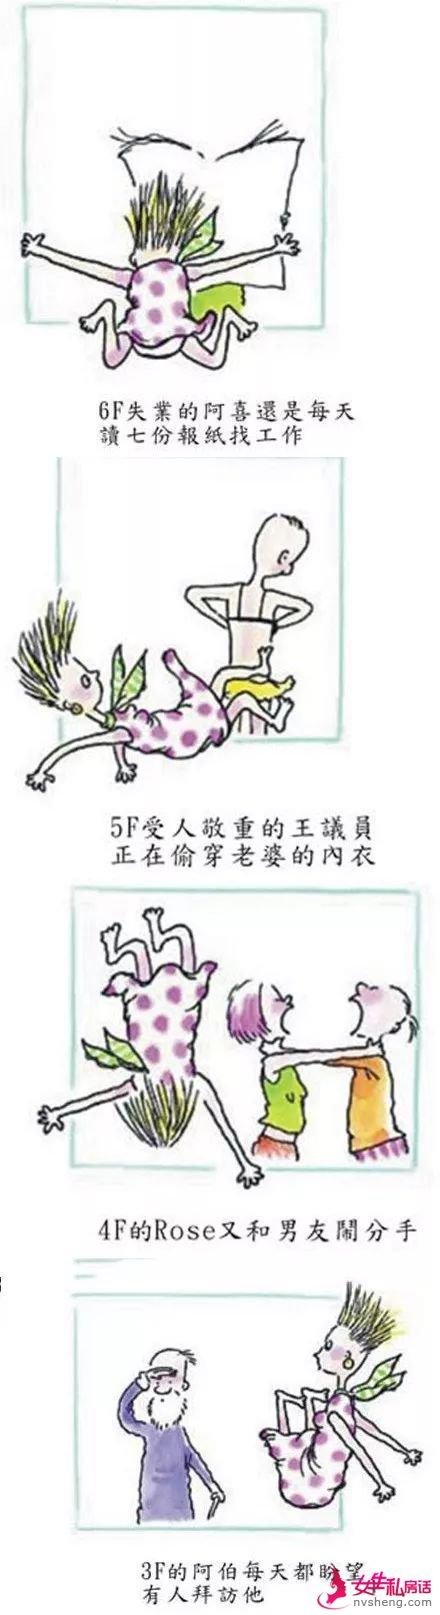 中国式标配,绑架了多少成年人